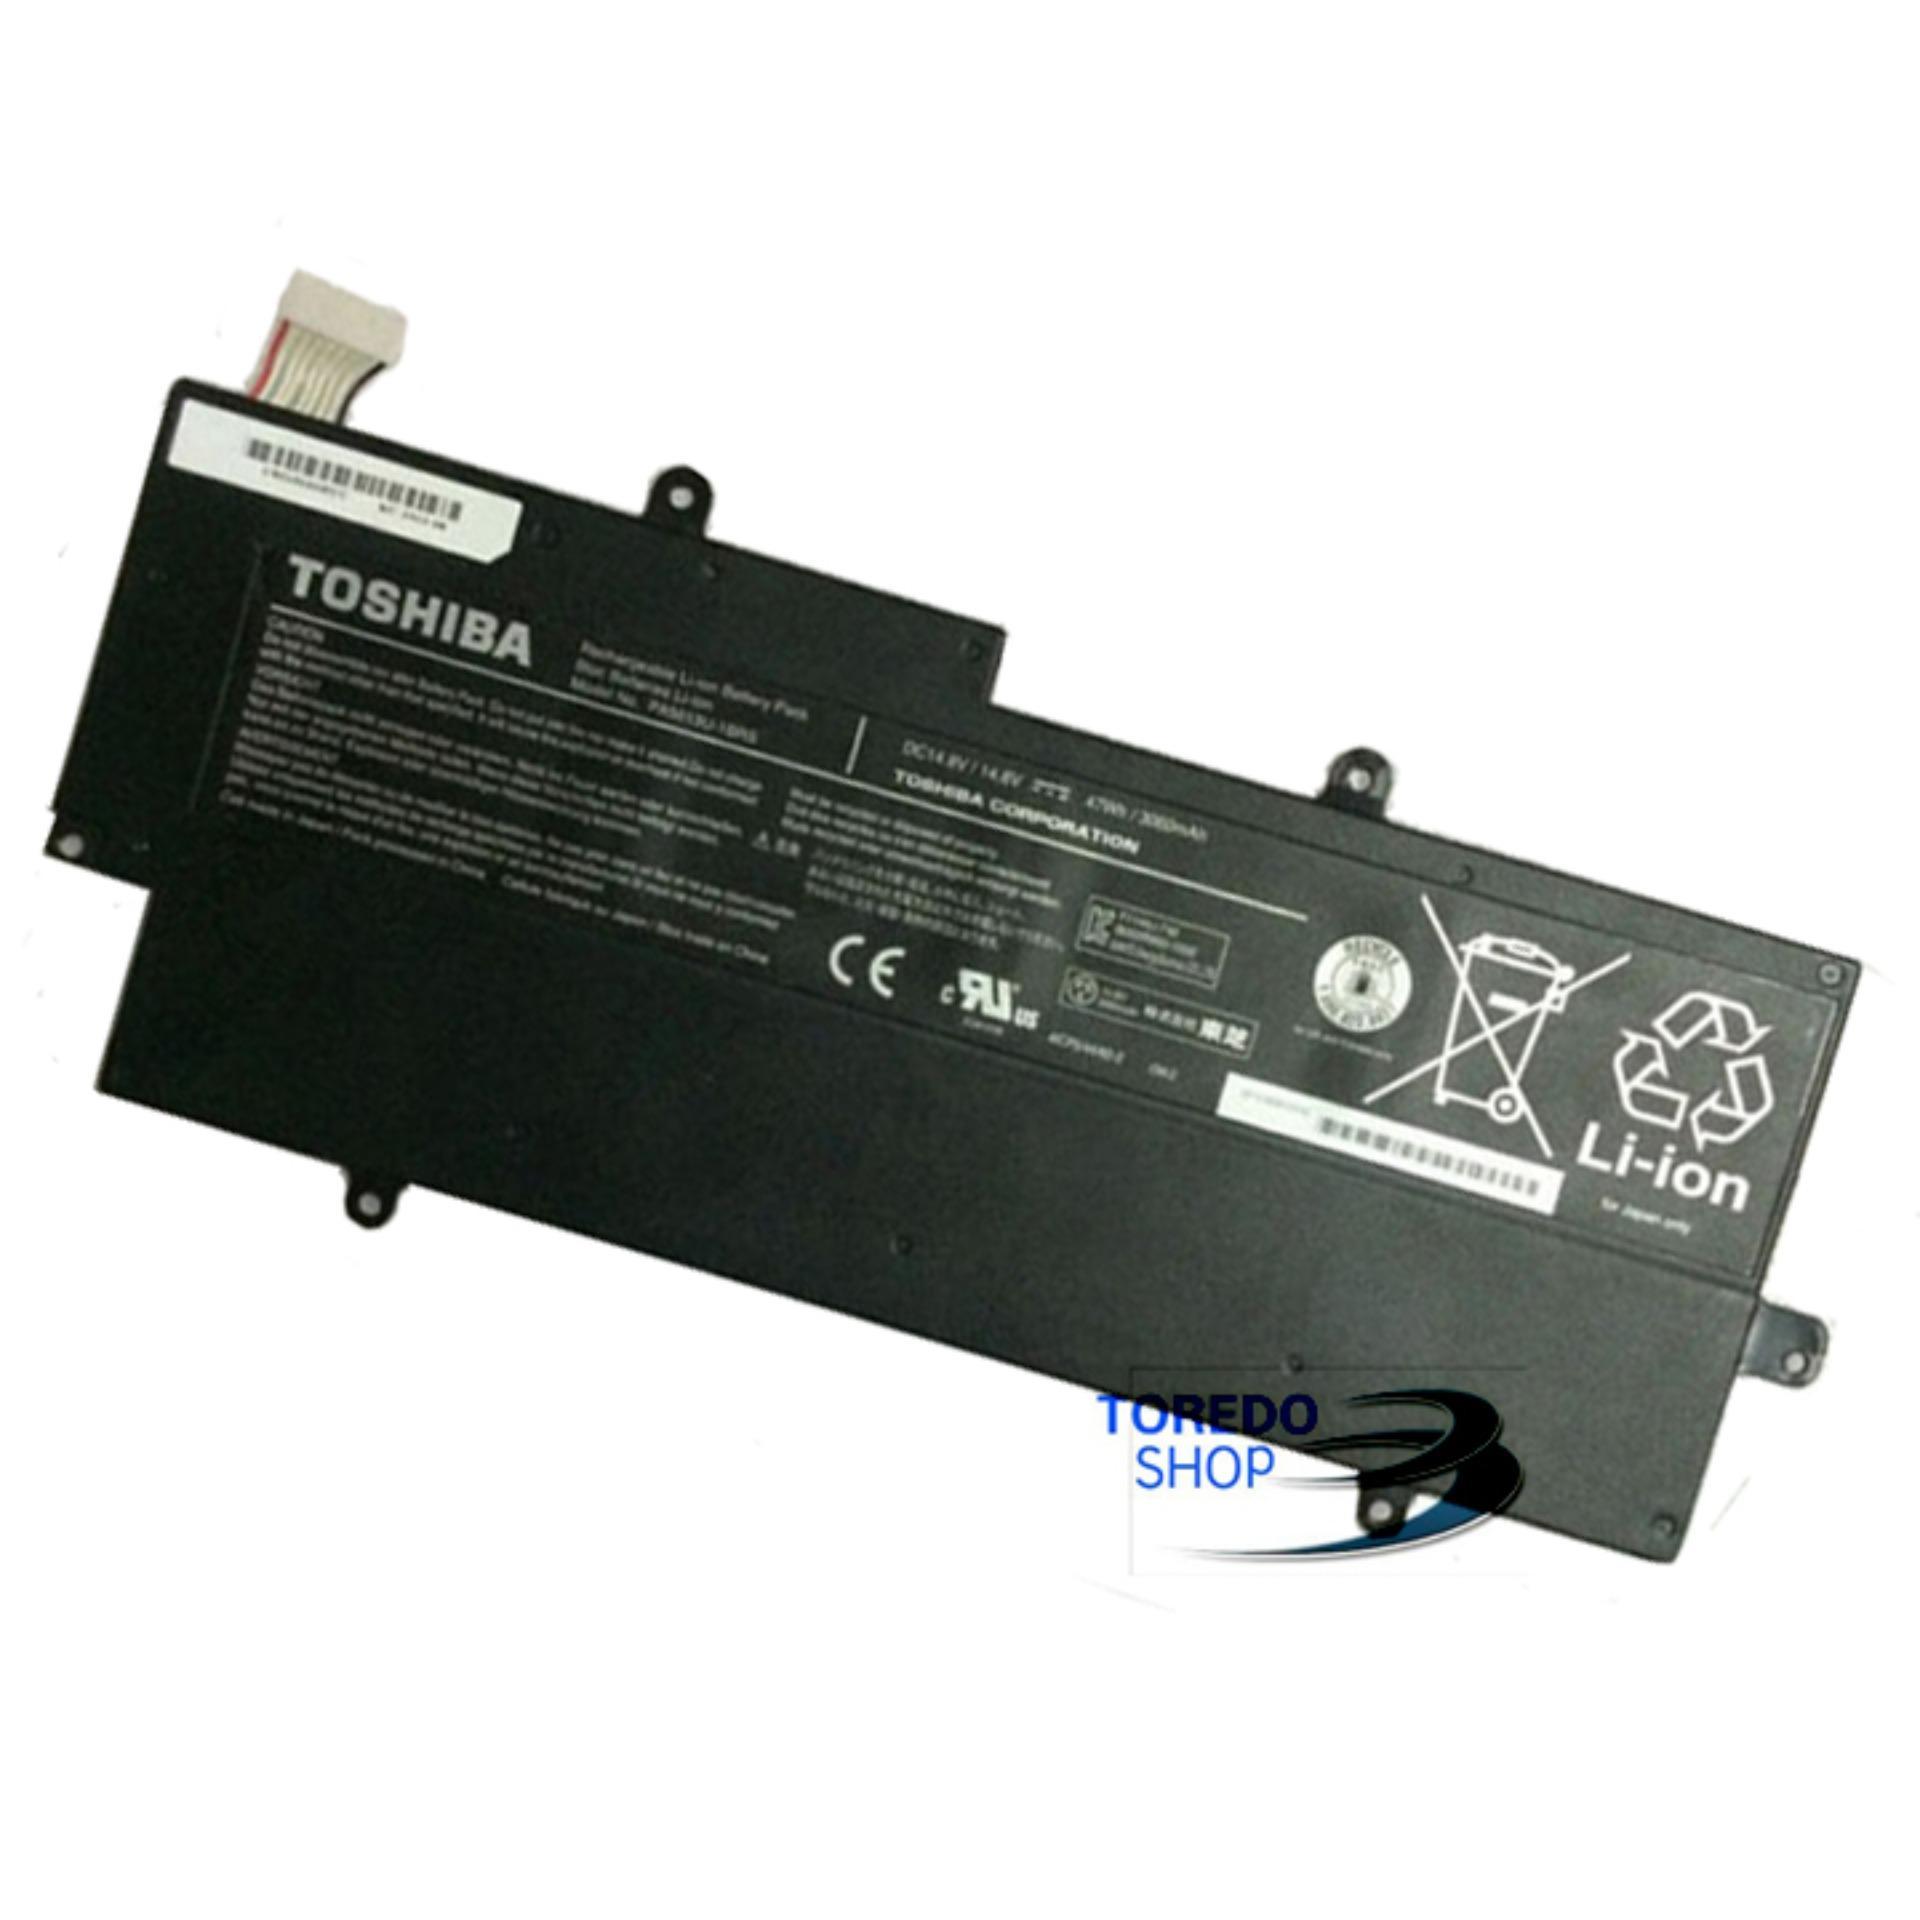 Baterai / Batre Laptop Toshiba PA5013 Portege Z830 Z930 Series Ori